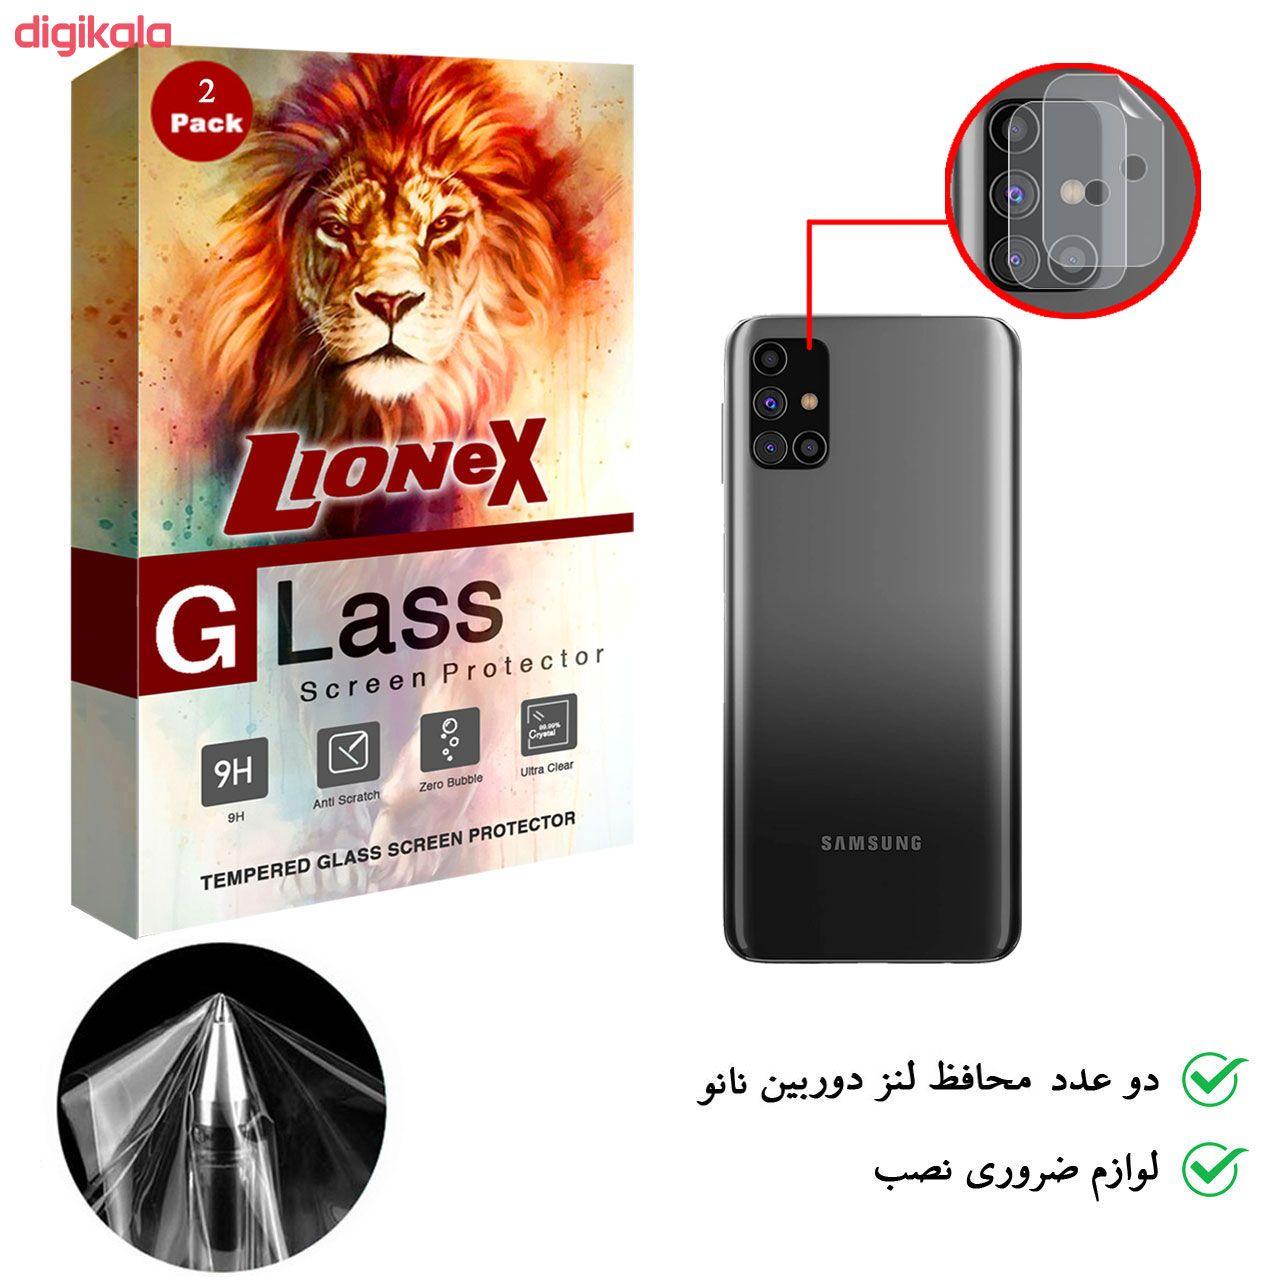 محافظ لنز دوربین نانو لایونکس مدل NLL مناسب برای گوشی موبایل سامسونگ Galaxy M31s بسته دو عددی